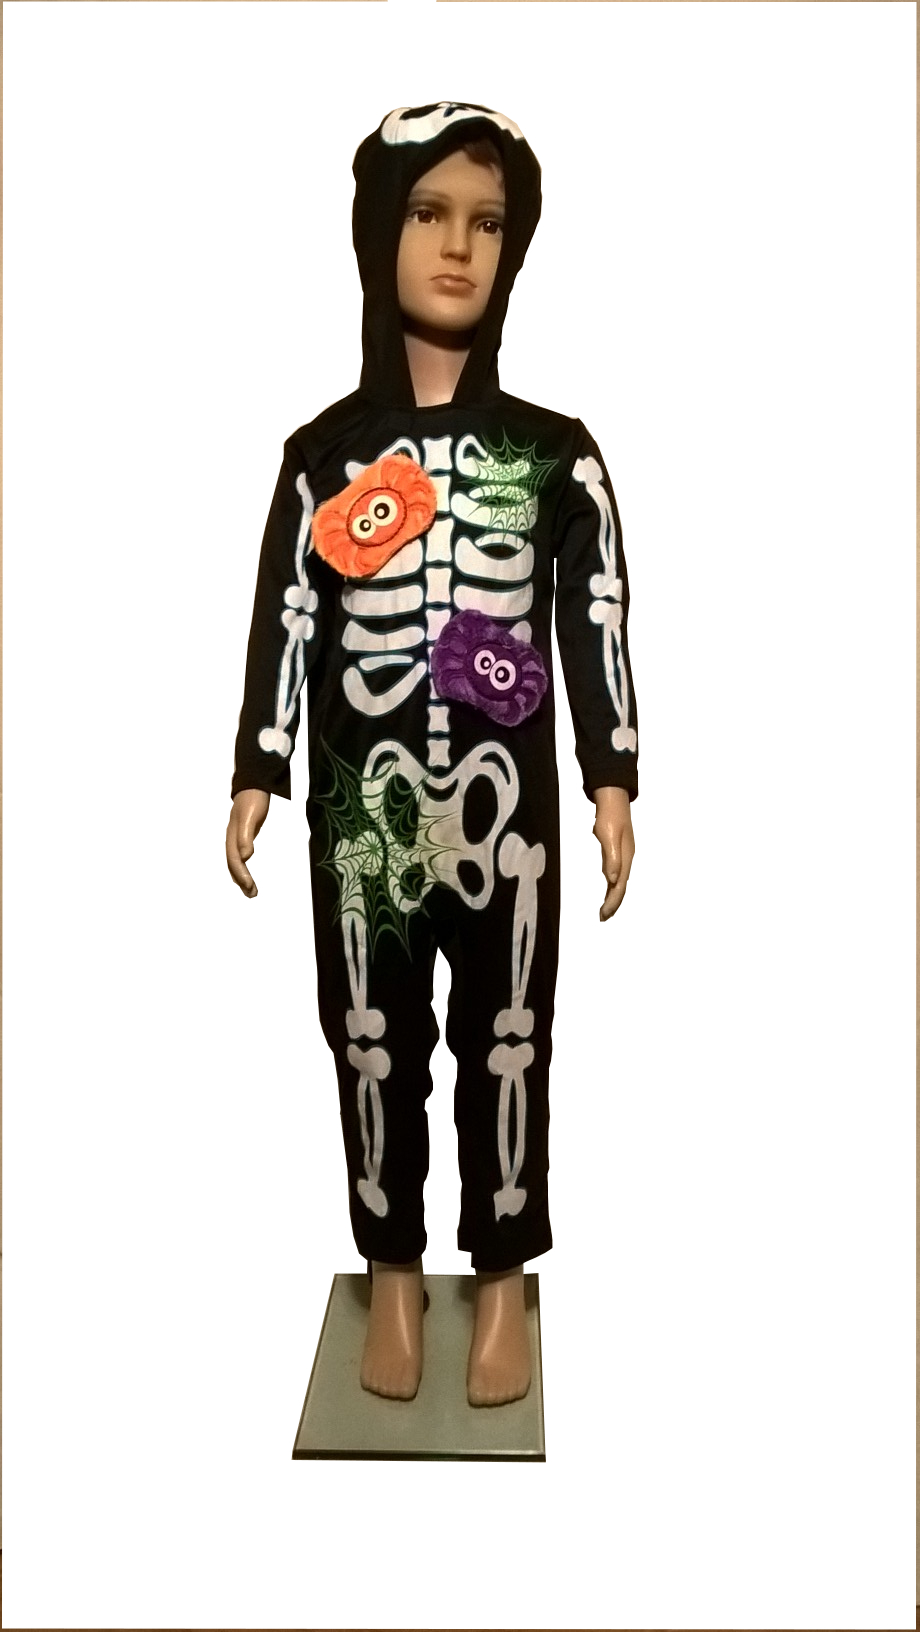 Helovino kostiumas vaikamas.  Skeleto kostiumas. Giltinės kostiumas. карнавальные костюмы для хэллоуина. кастюм смерт. КАРНАВАЛЬНЫЙ КОСТЮМ ПРИЗРАКА СМЕРТИ.  Karnavaliniu kostiumu nuoma vaikams Vilniuje - pasakunamai.lt